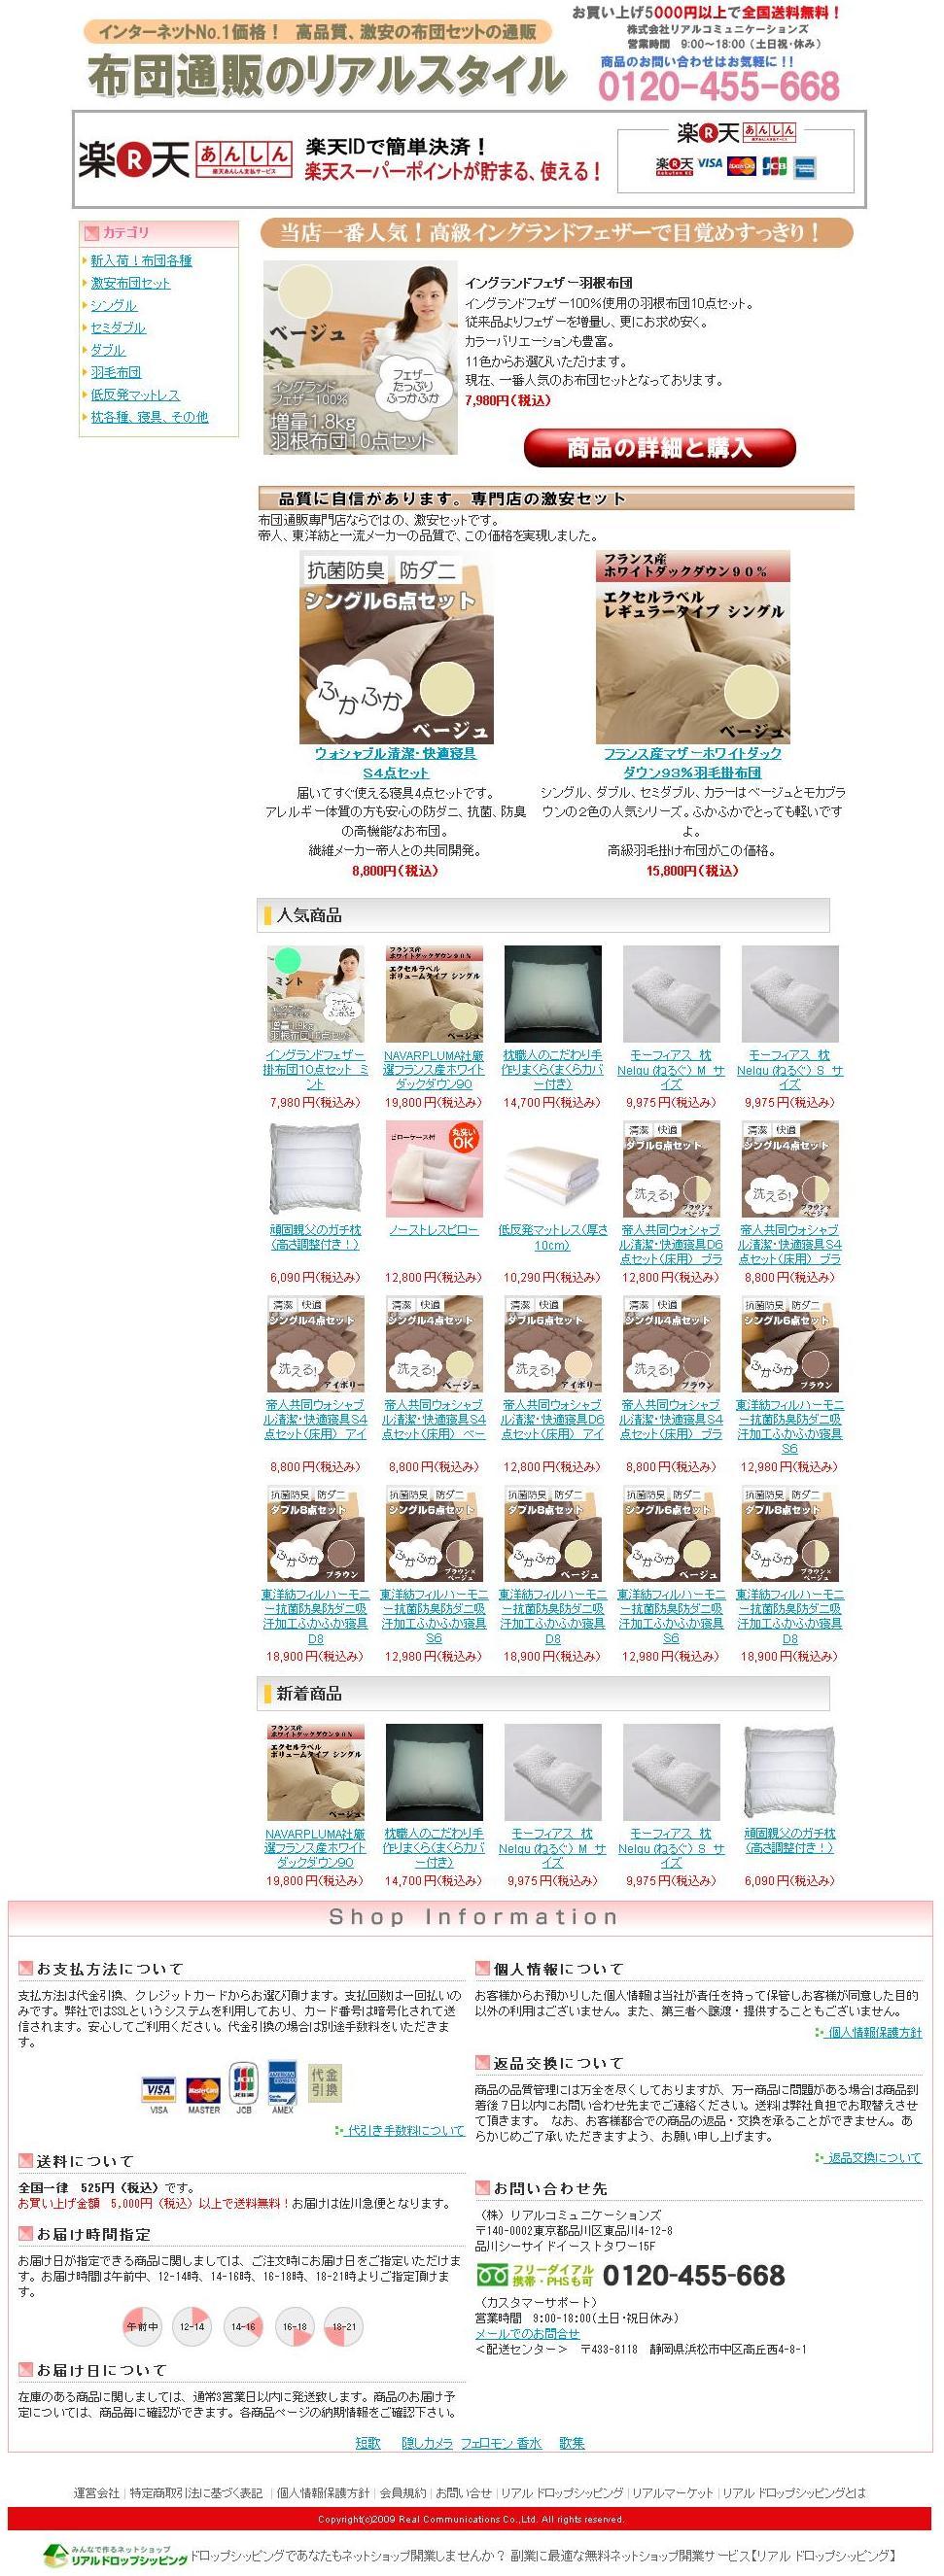 小室哲哉のkomuro.netは、マスクから布団通販サイトへ